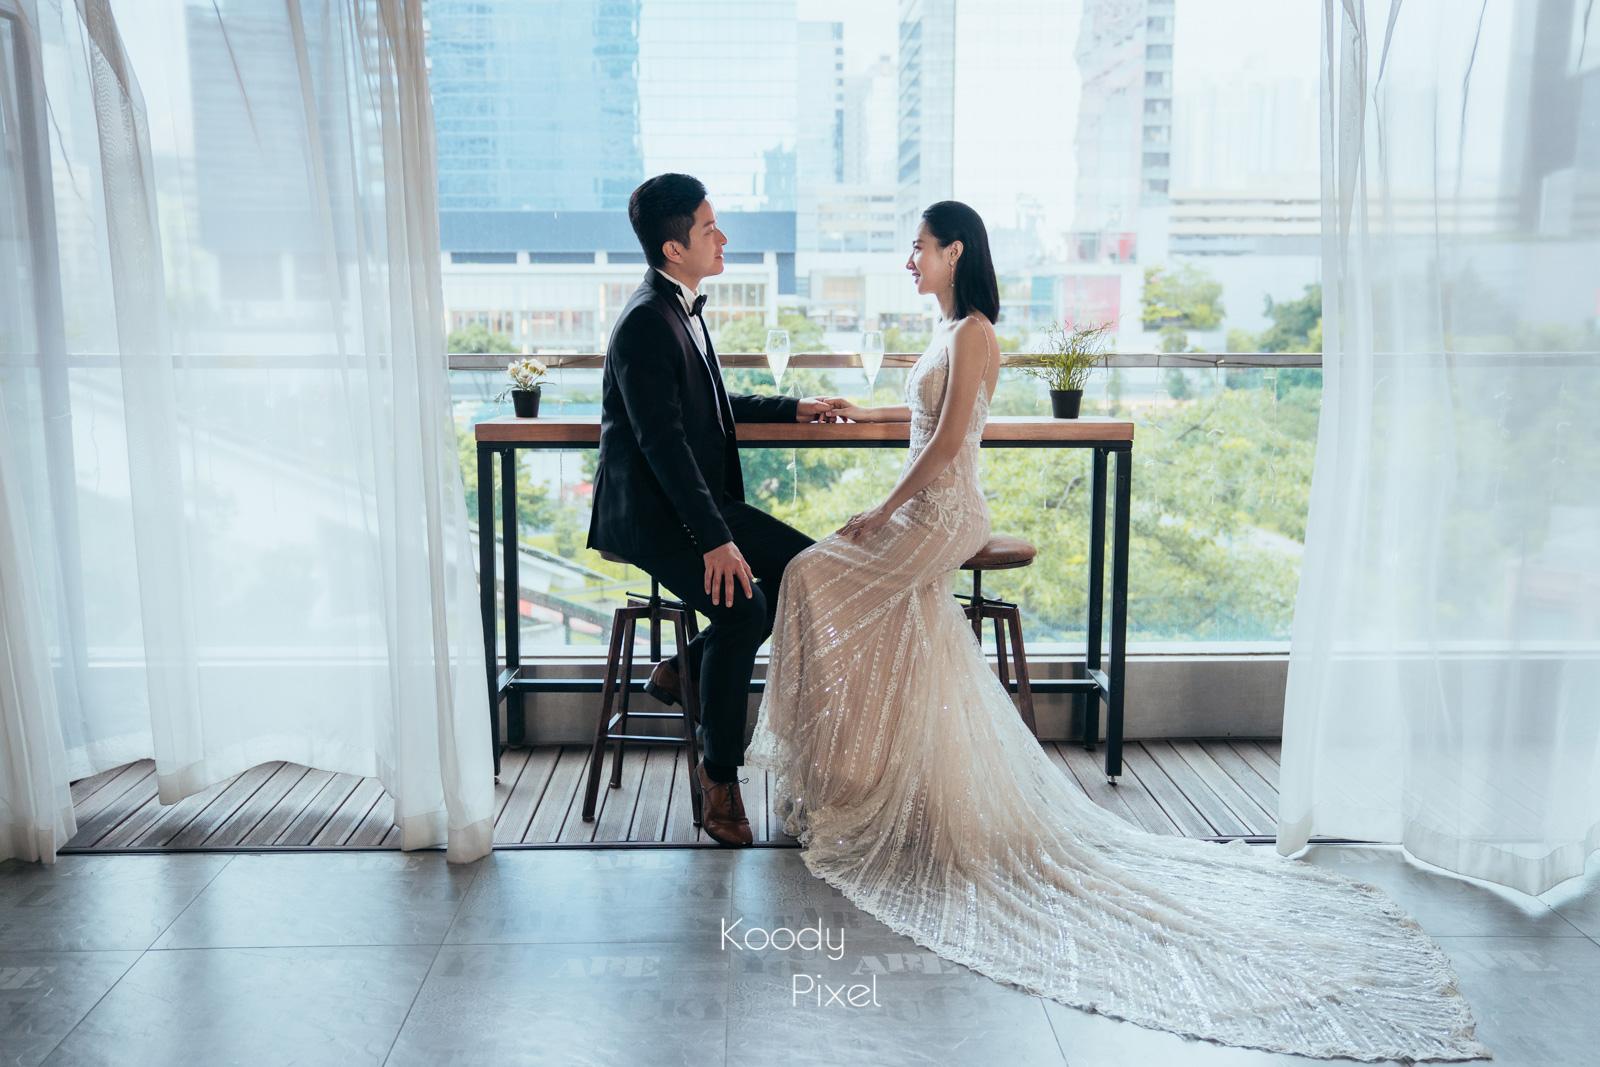 葉子狀的婚紗,非常獨特,不論是Studio Prewedding還是戶外Prewedding也一樣合適